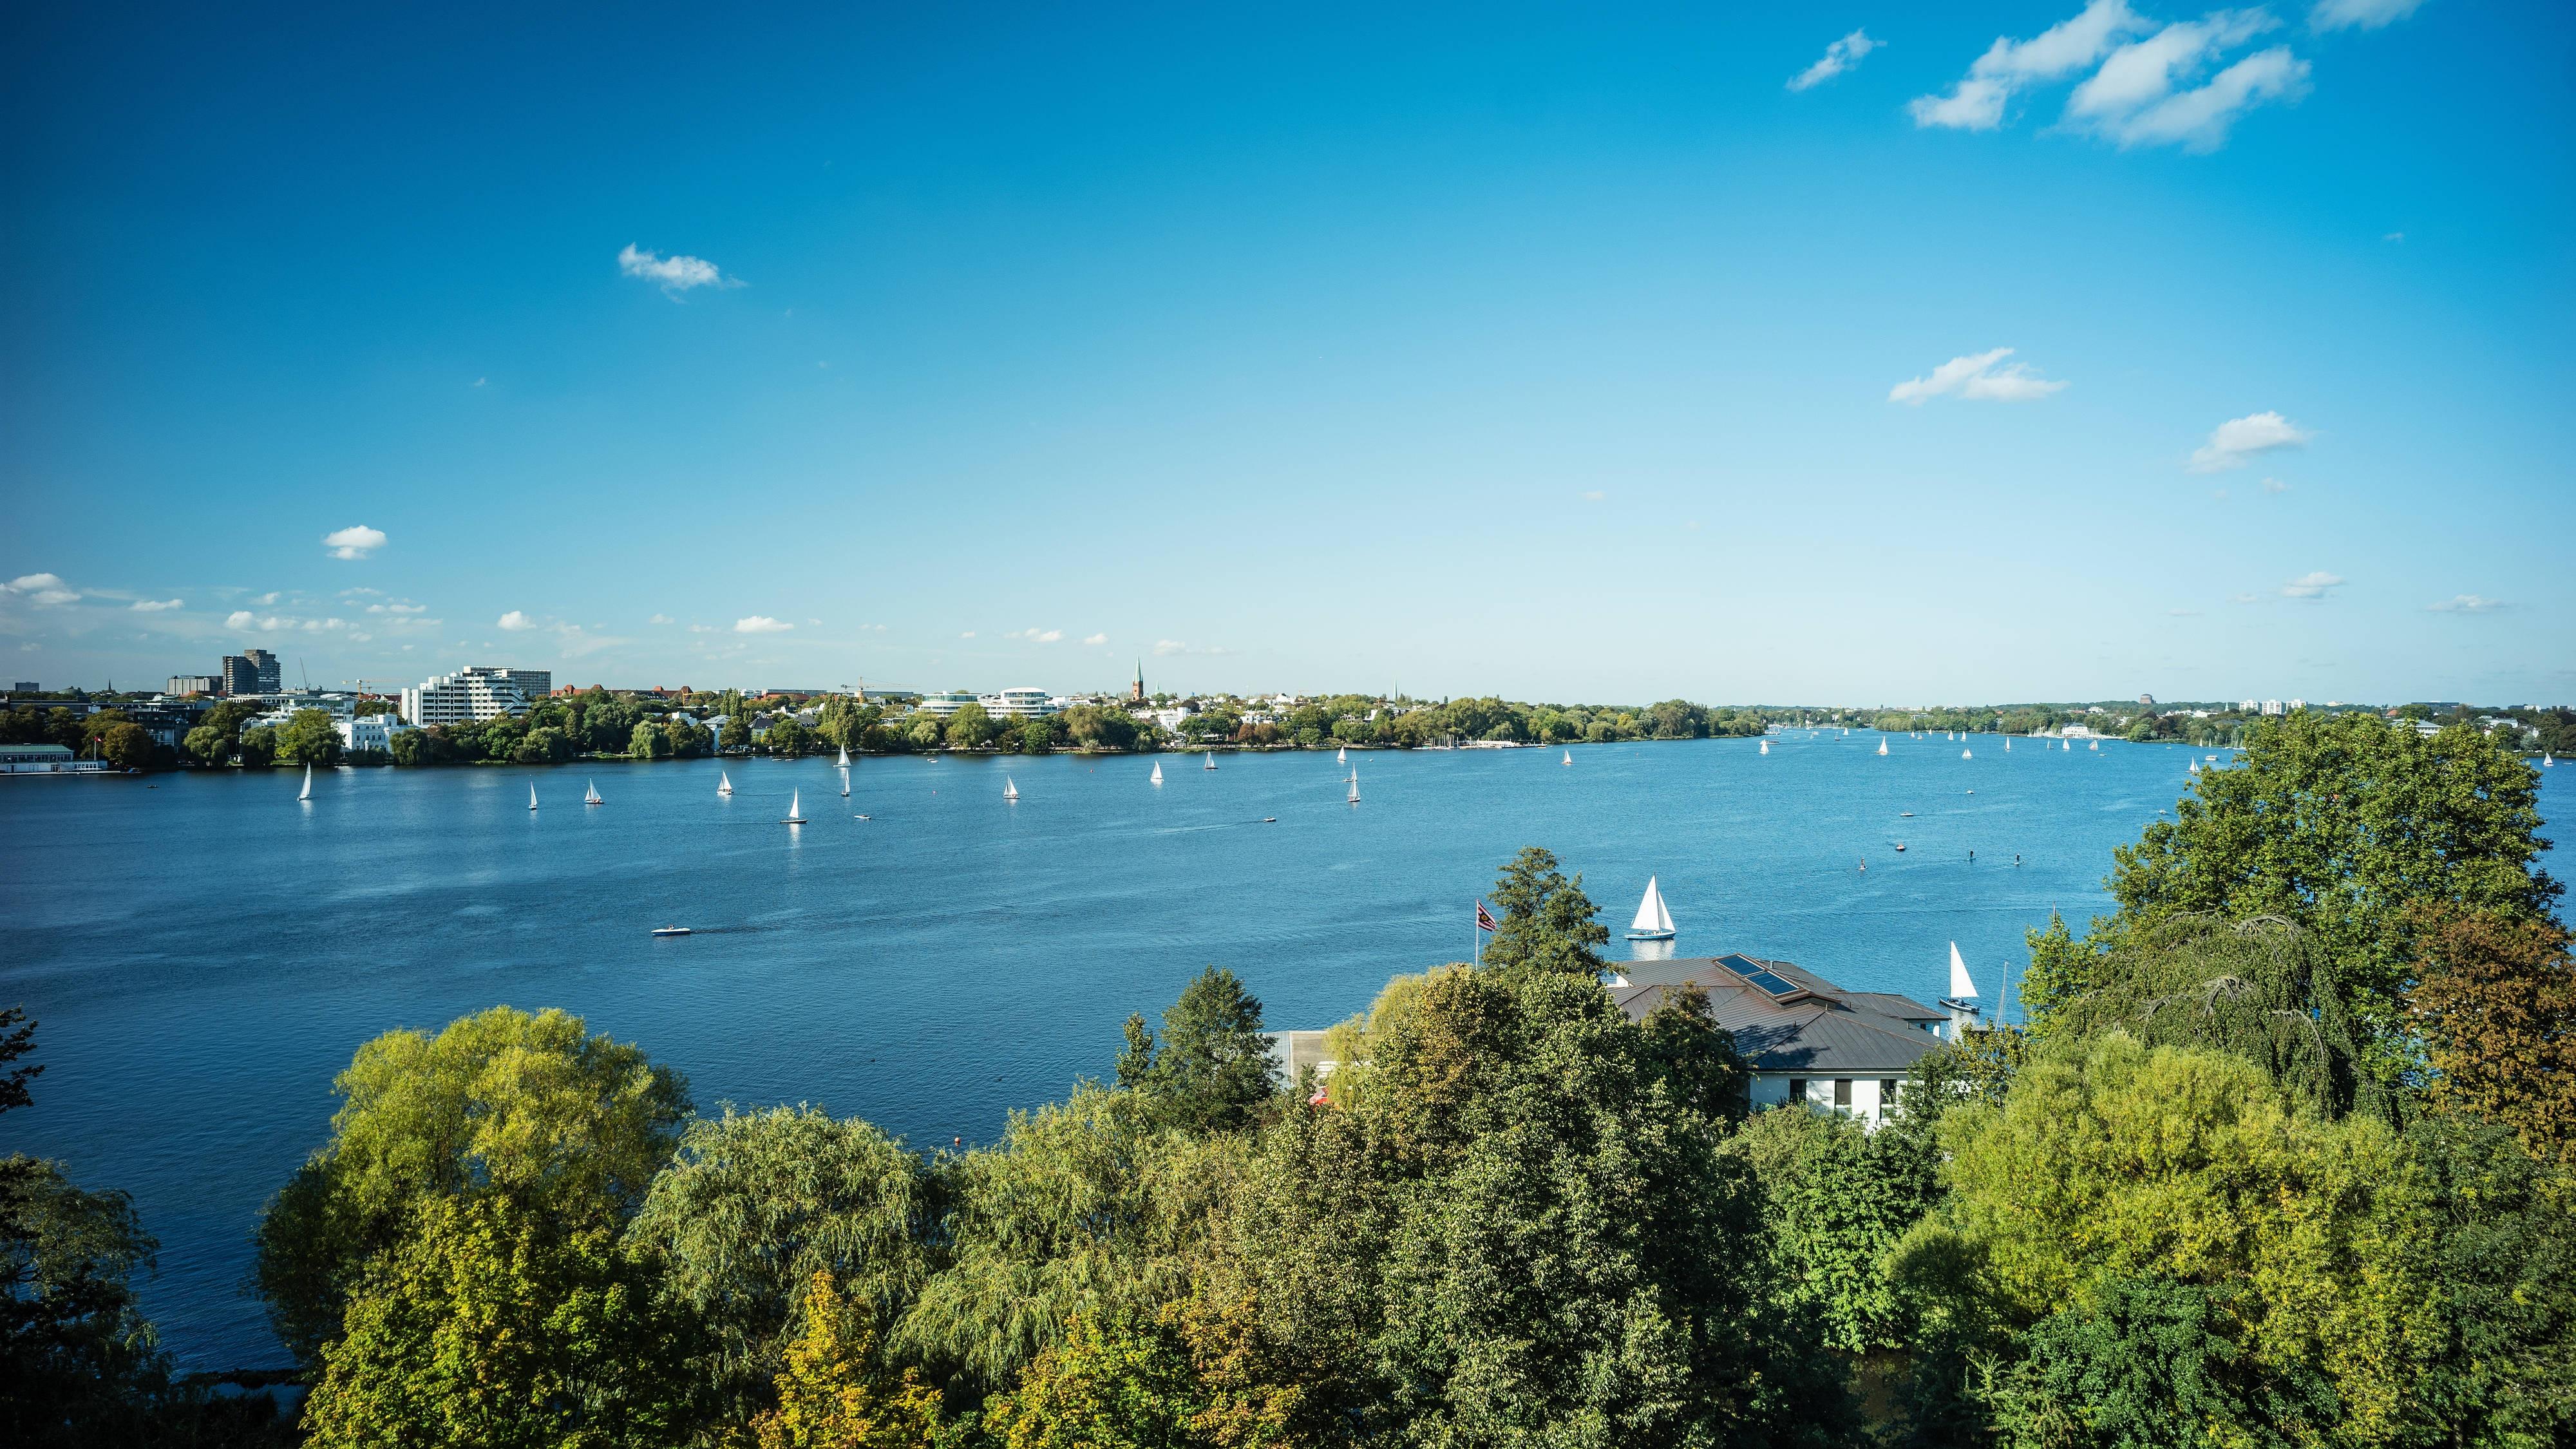 Alster Lake Impressions Hamburg